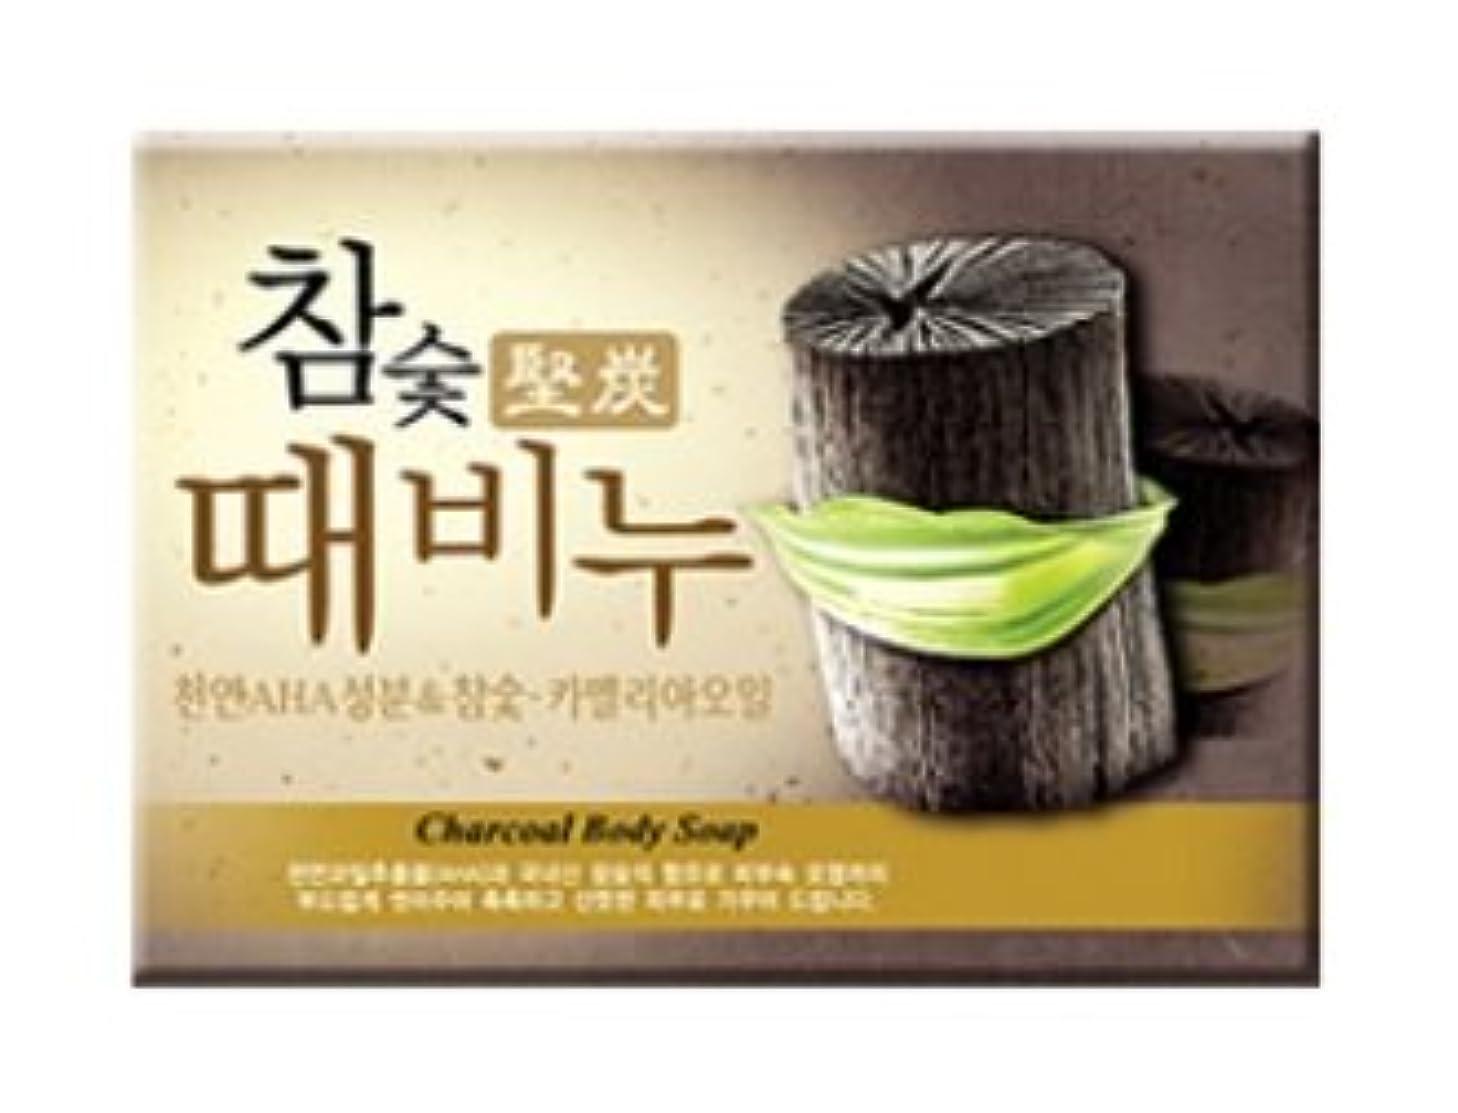 ライド代替案一目堅炭ソープ 100g / Charcoal Body Soap [並行輸入品]